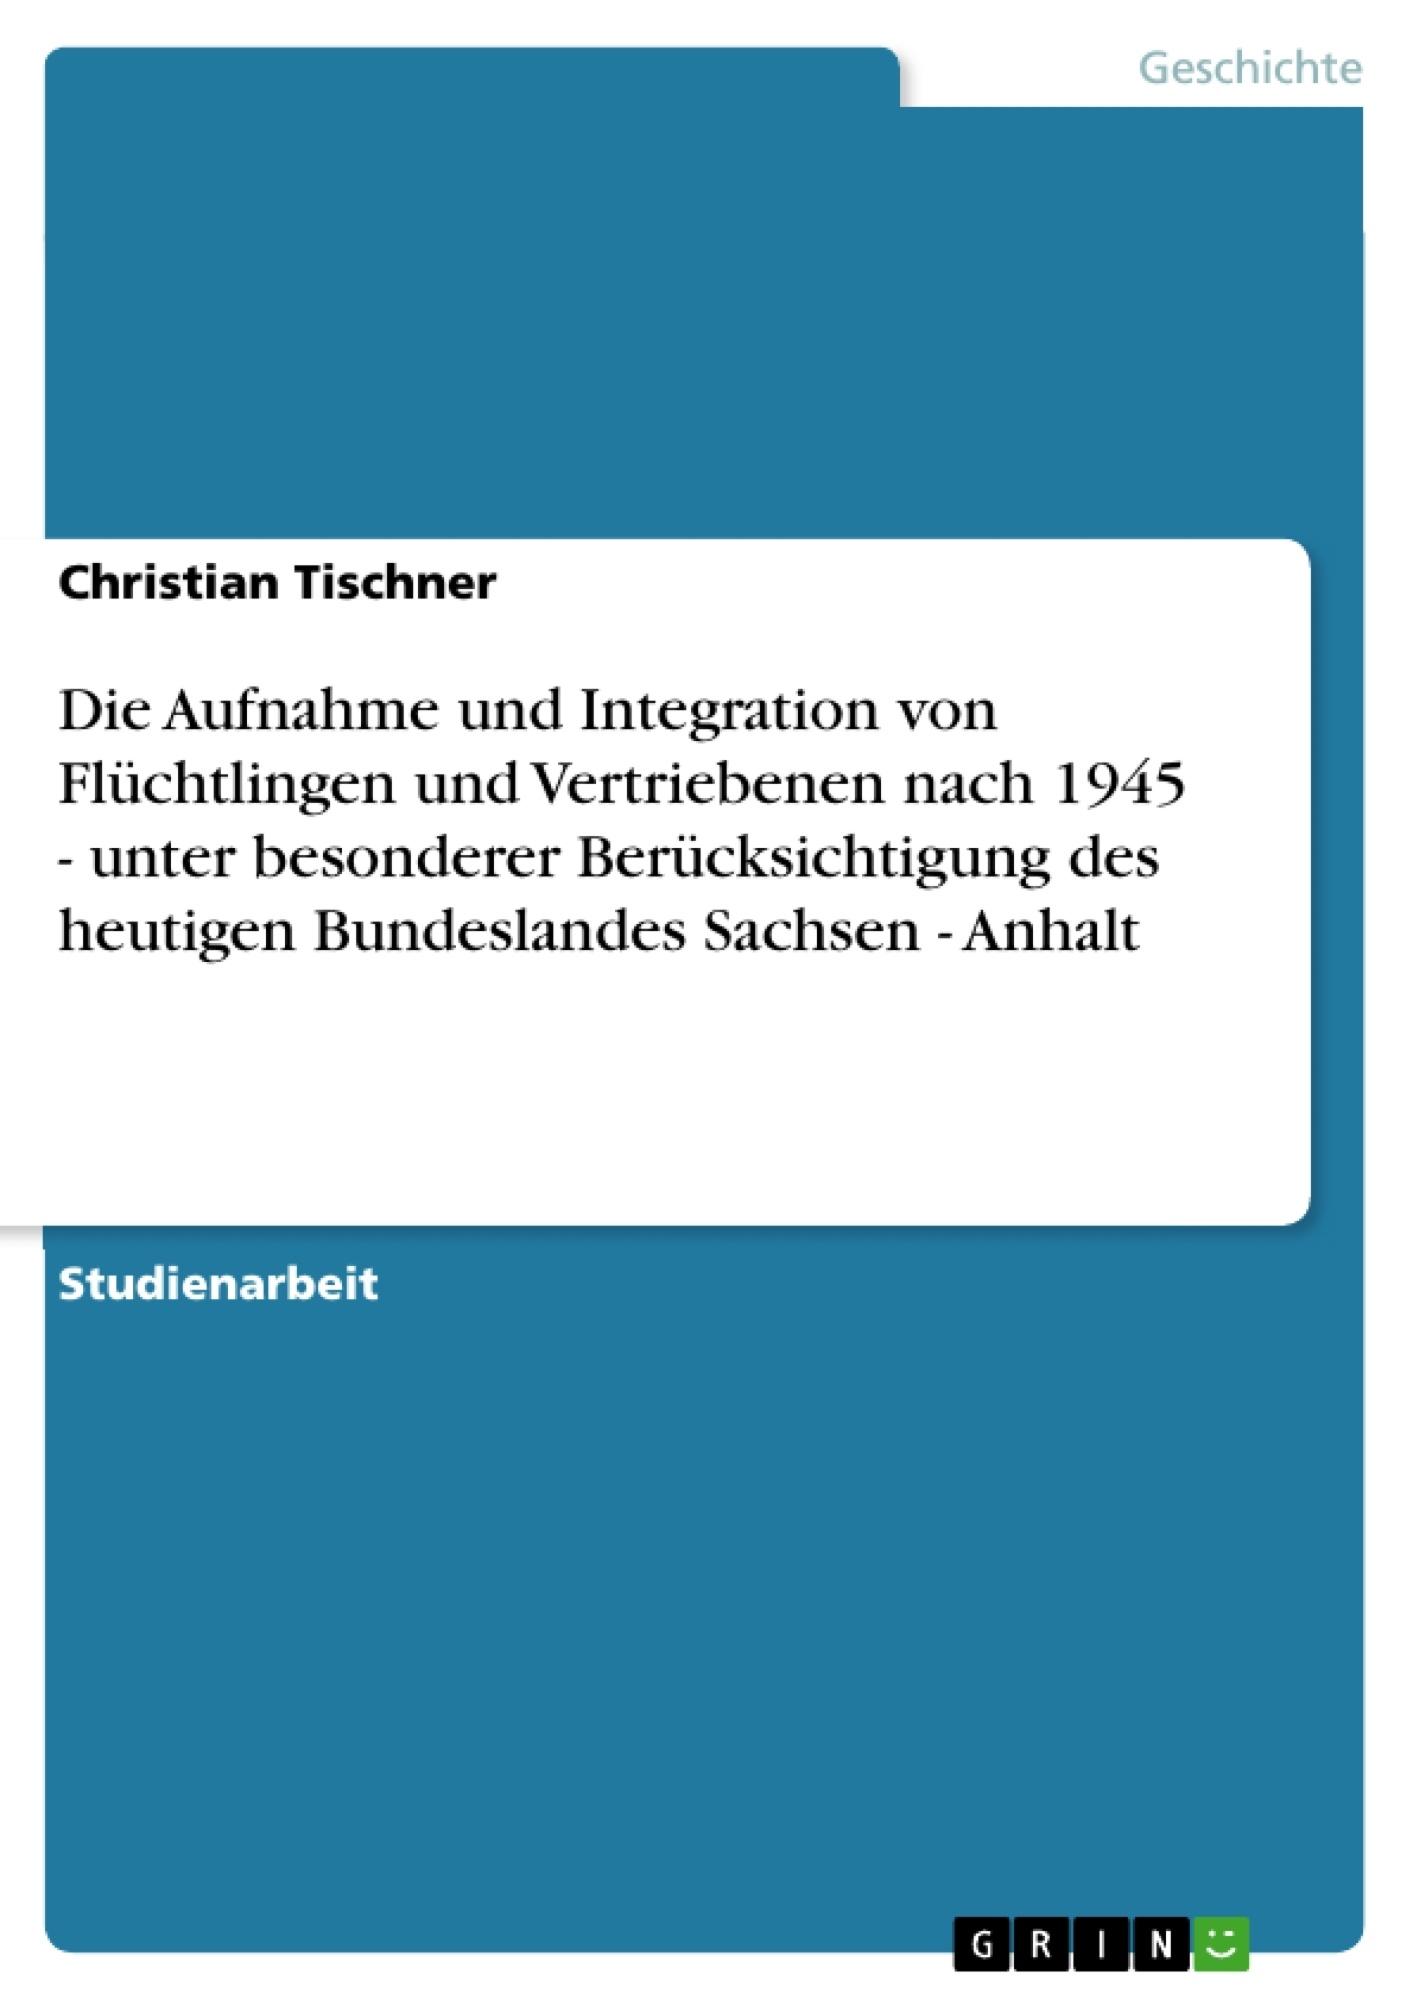 Titel: Die Aufnahme und Integration von Flüchtlingen und Vertriebenen nach 1945 - unter besonderer Berücksichtigung  des heutigen Bundeslandes Sachsen - Anhalt